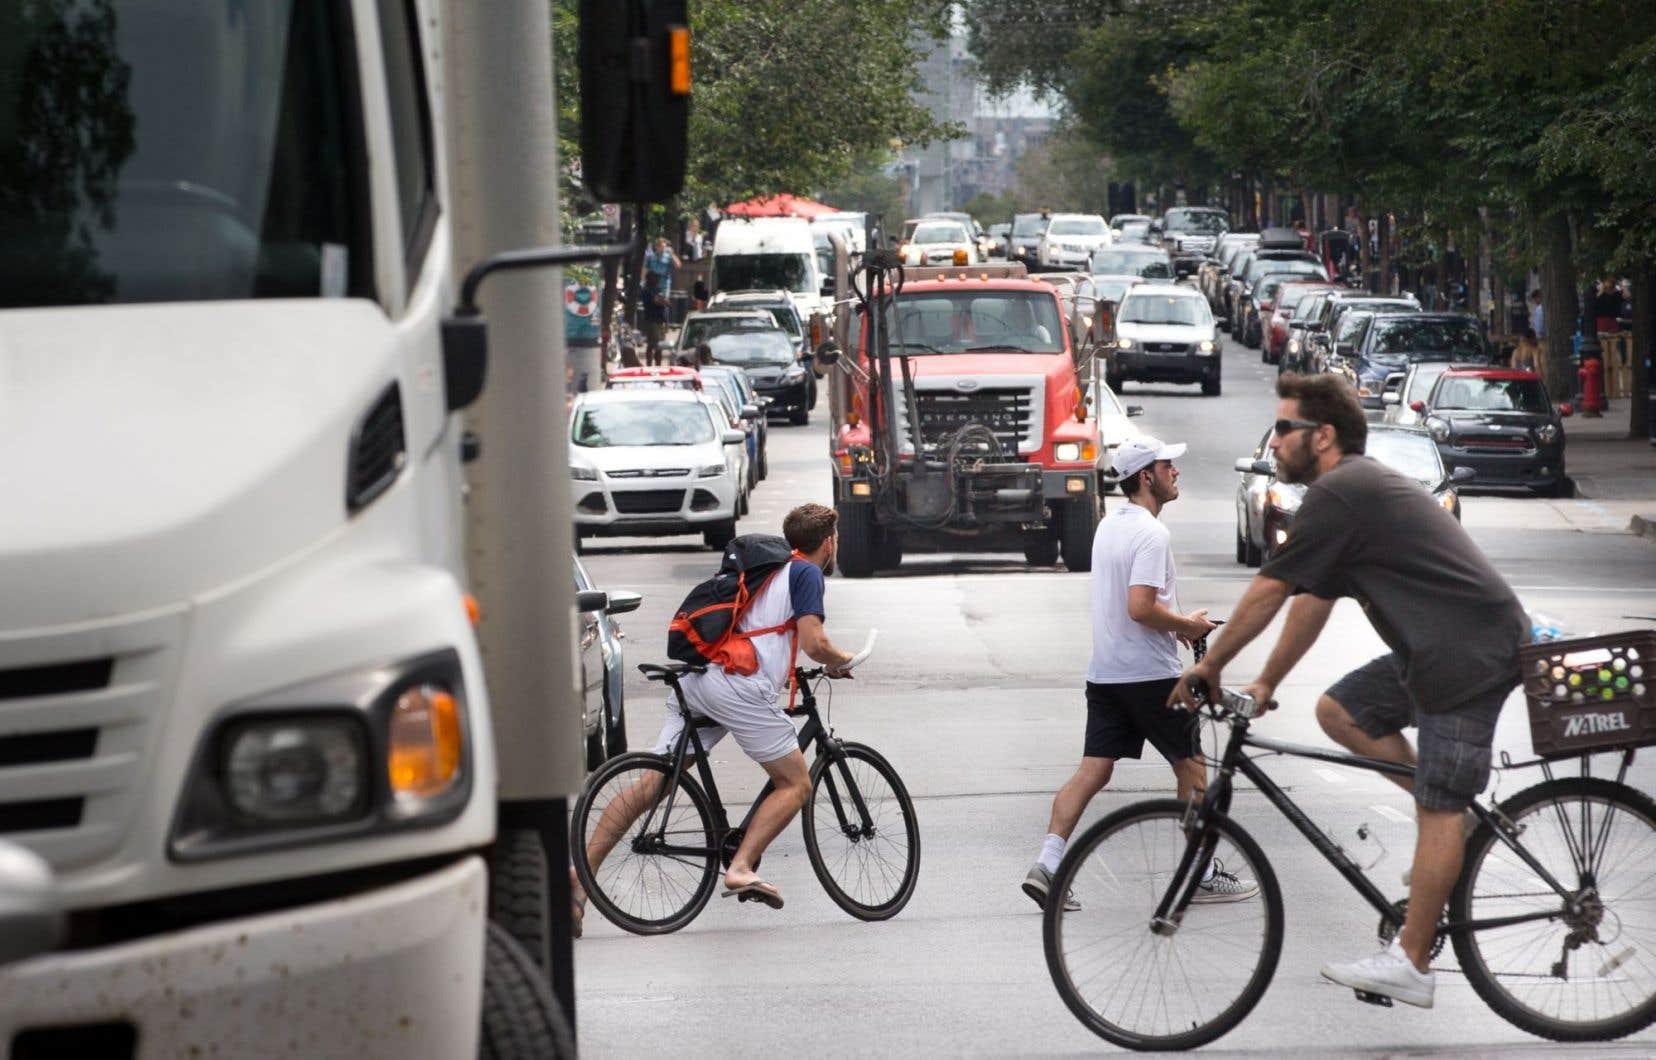 Chaque année, à Montréal, on compte une quarantaine de collisions déclarées impliquant un cycliste et au moins un véhicule lourd, selon les derniers chiffres de la SAAQ.